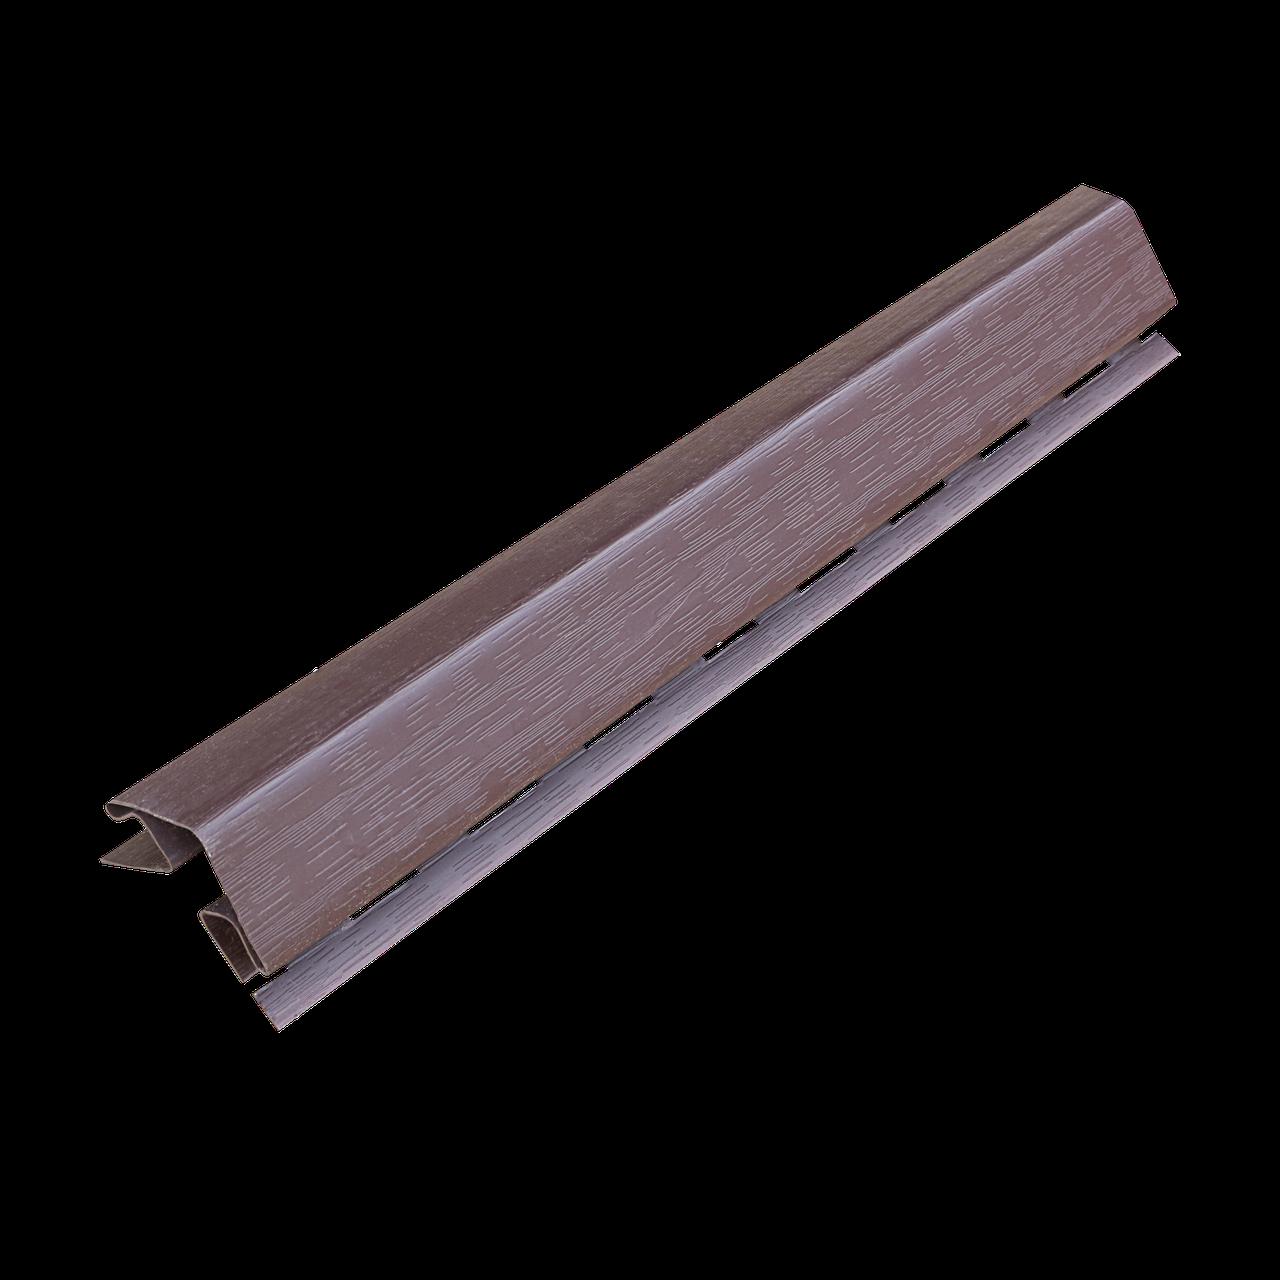 Угол наружный темно-коричневый 5 см в упк. 12 шт.